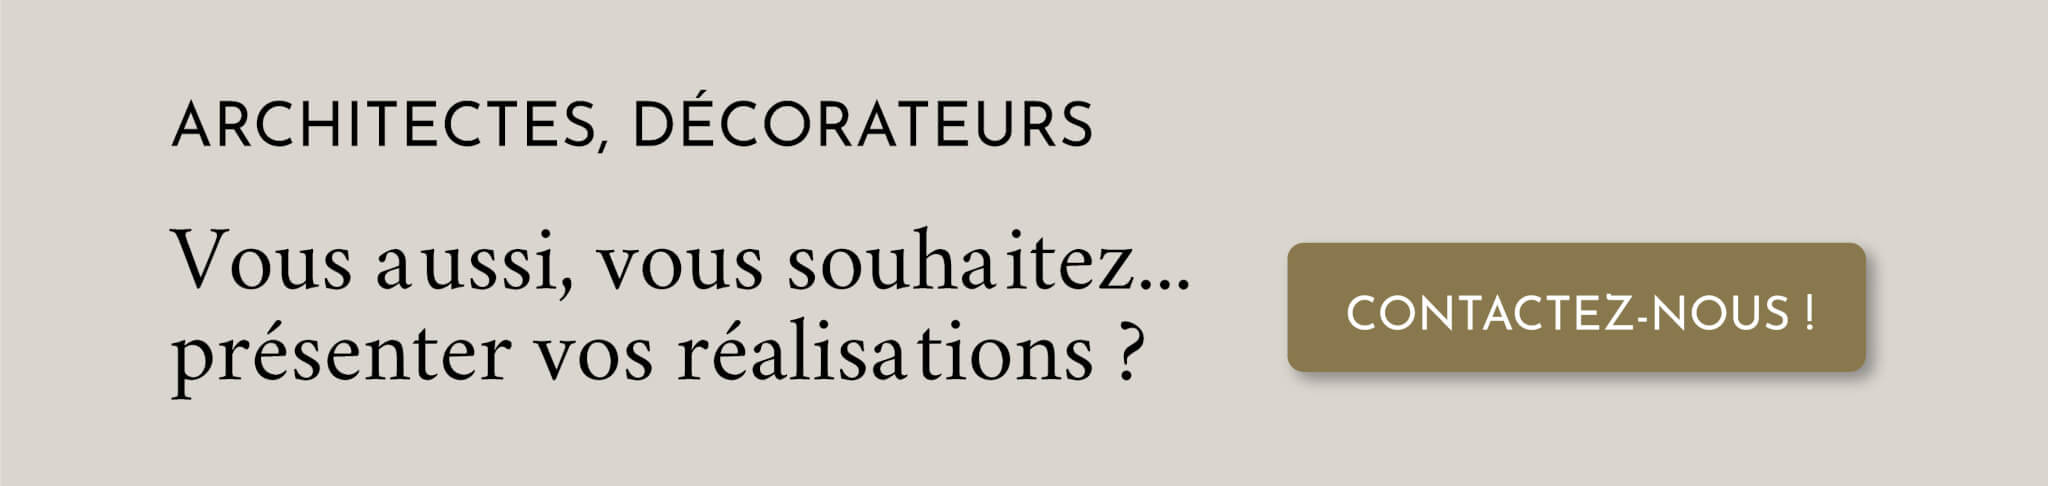 Architectes, décorateurs, photographes... Présentez votre travail sur www.decocrush.fr !